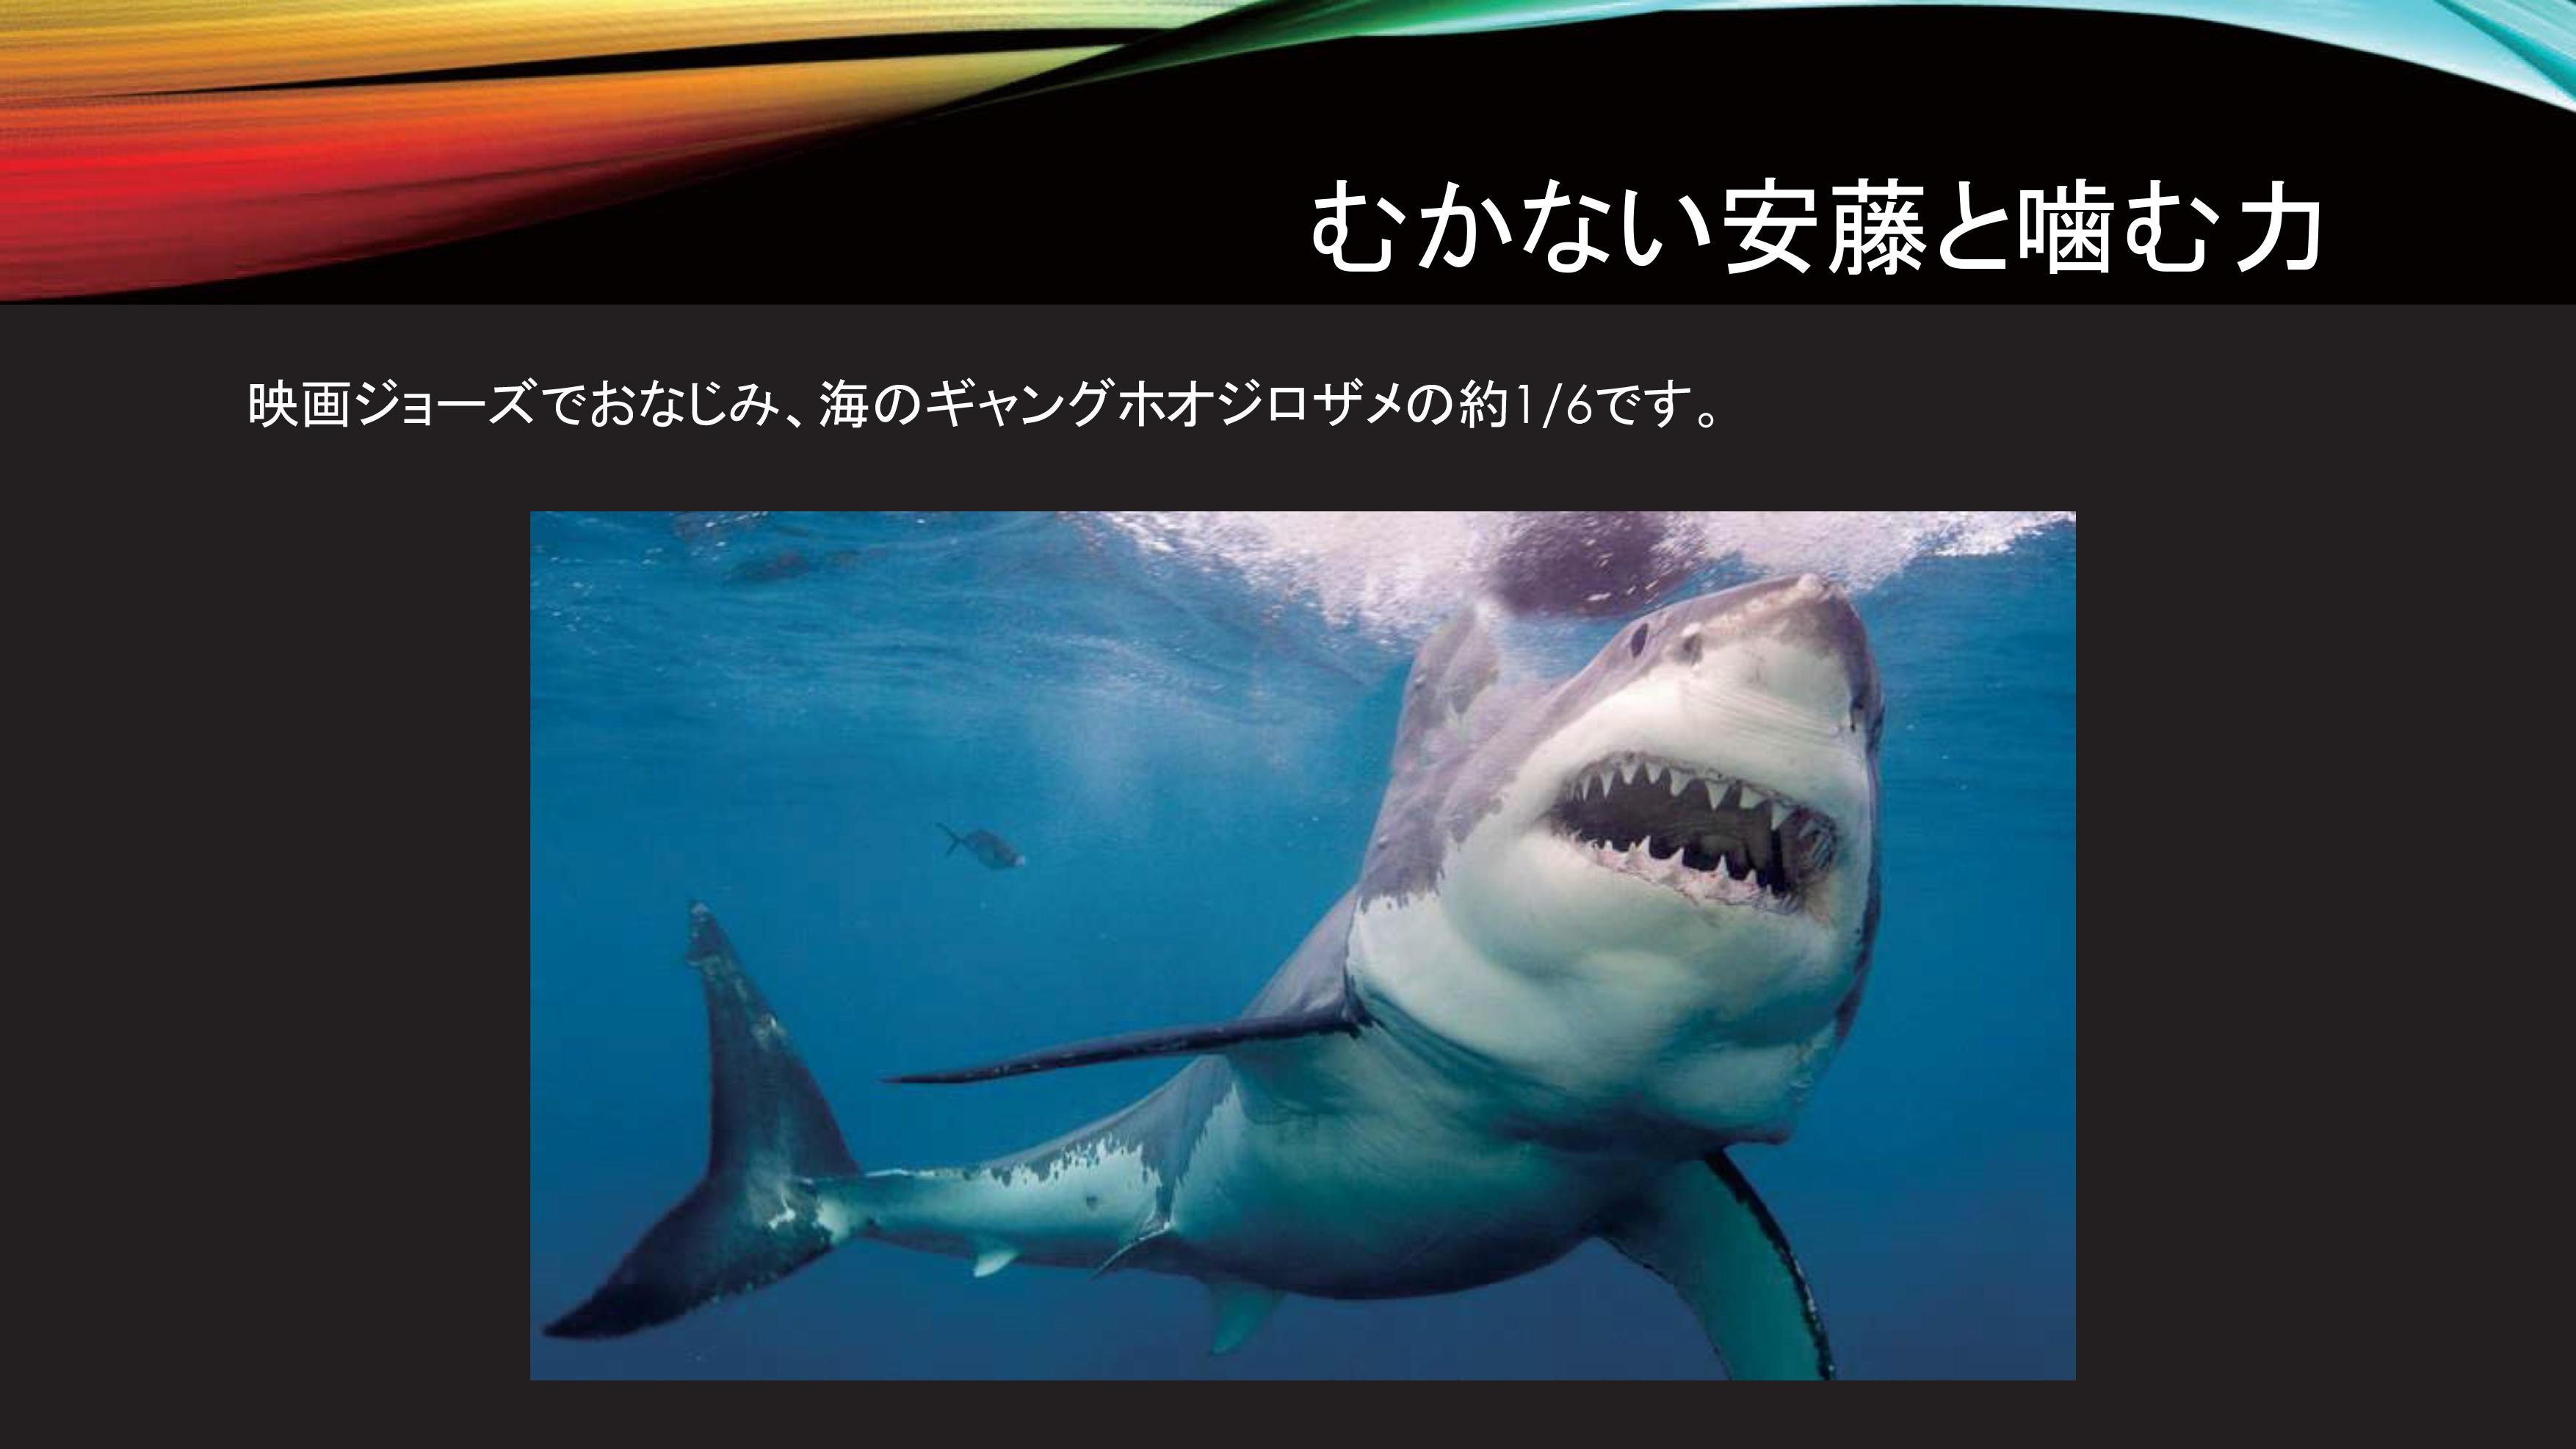 mukanaiando_same.jpg